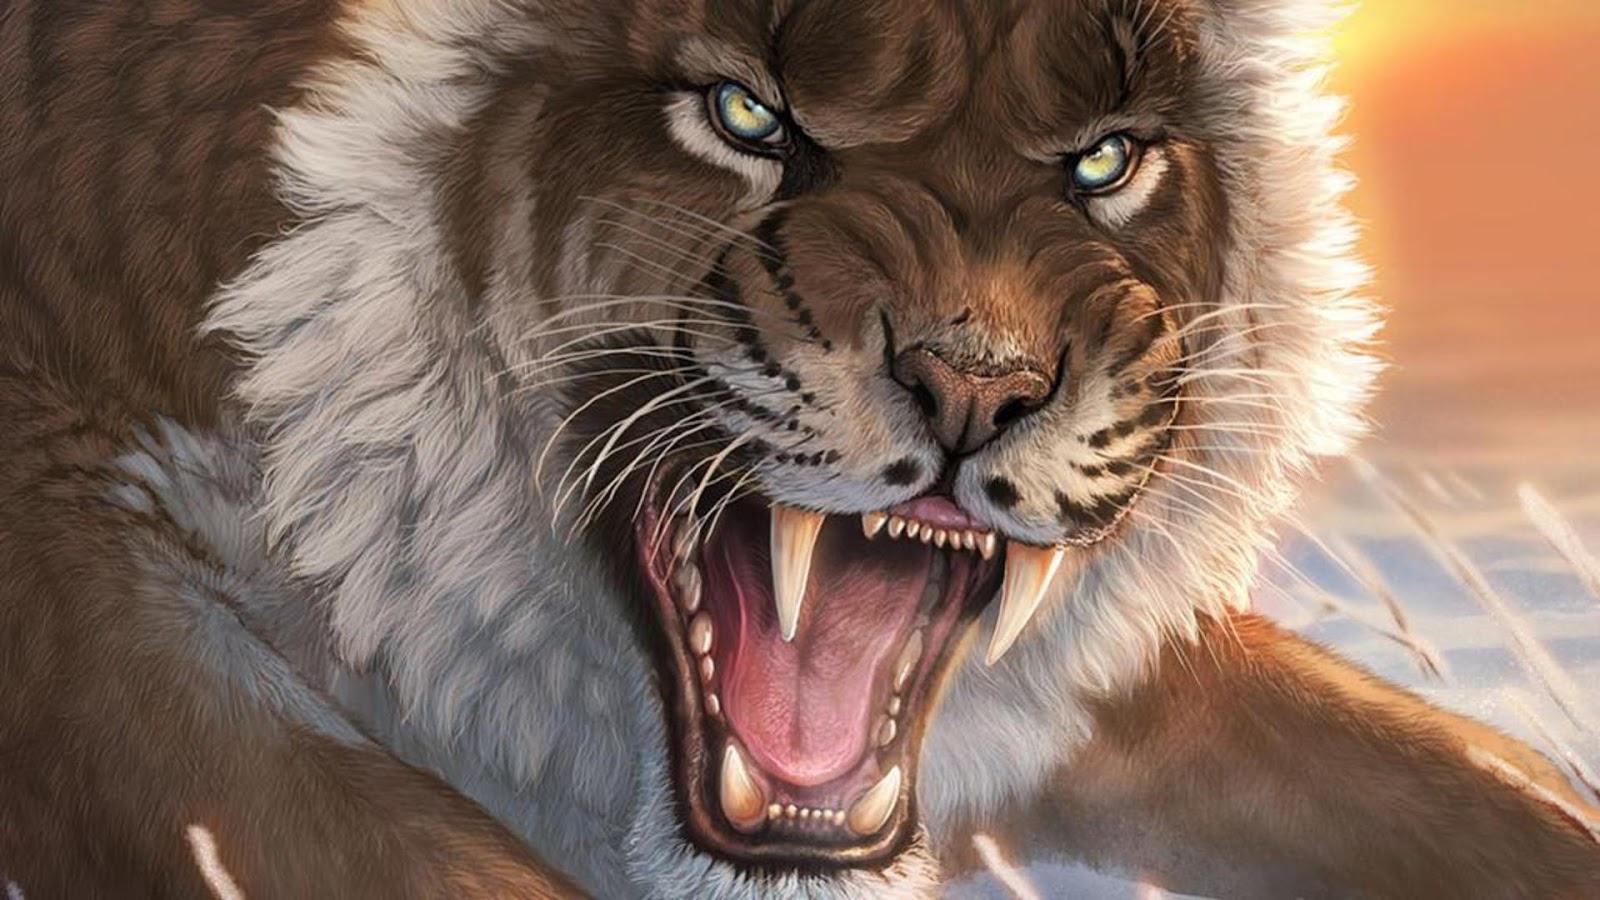 Imagen De Dibujo 3d De Gato Para Fondo De Pantalla: Imagenes De Tigres Para Fondo De Pantalla Hd